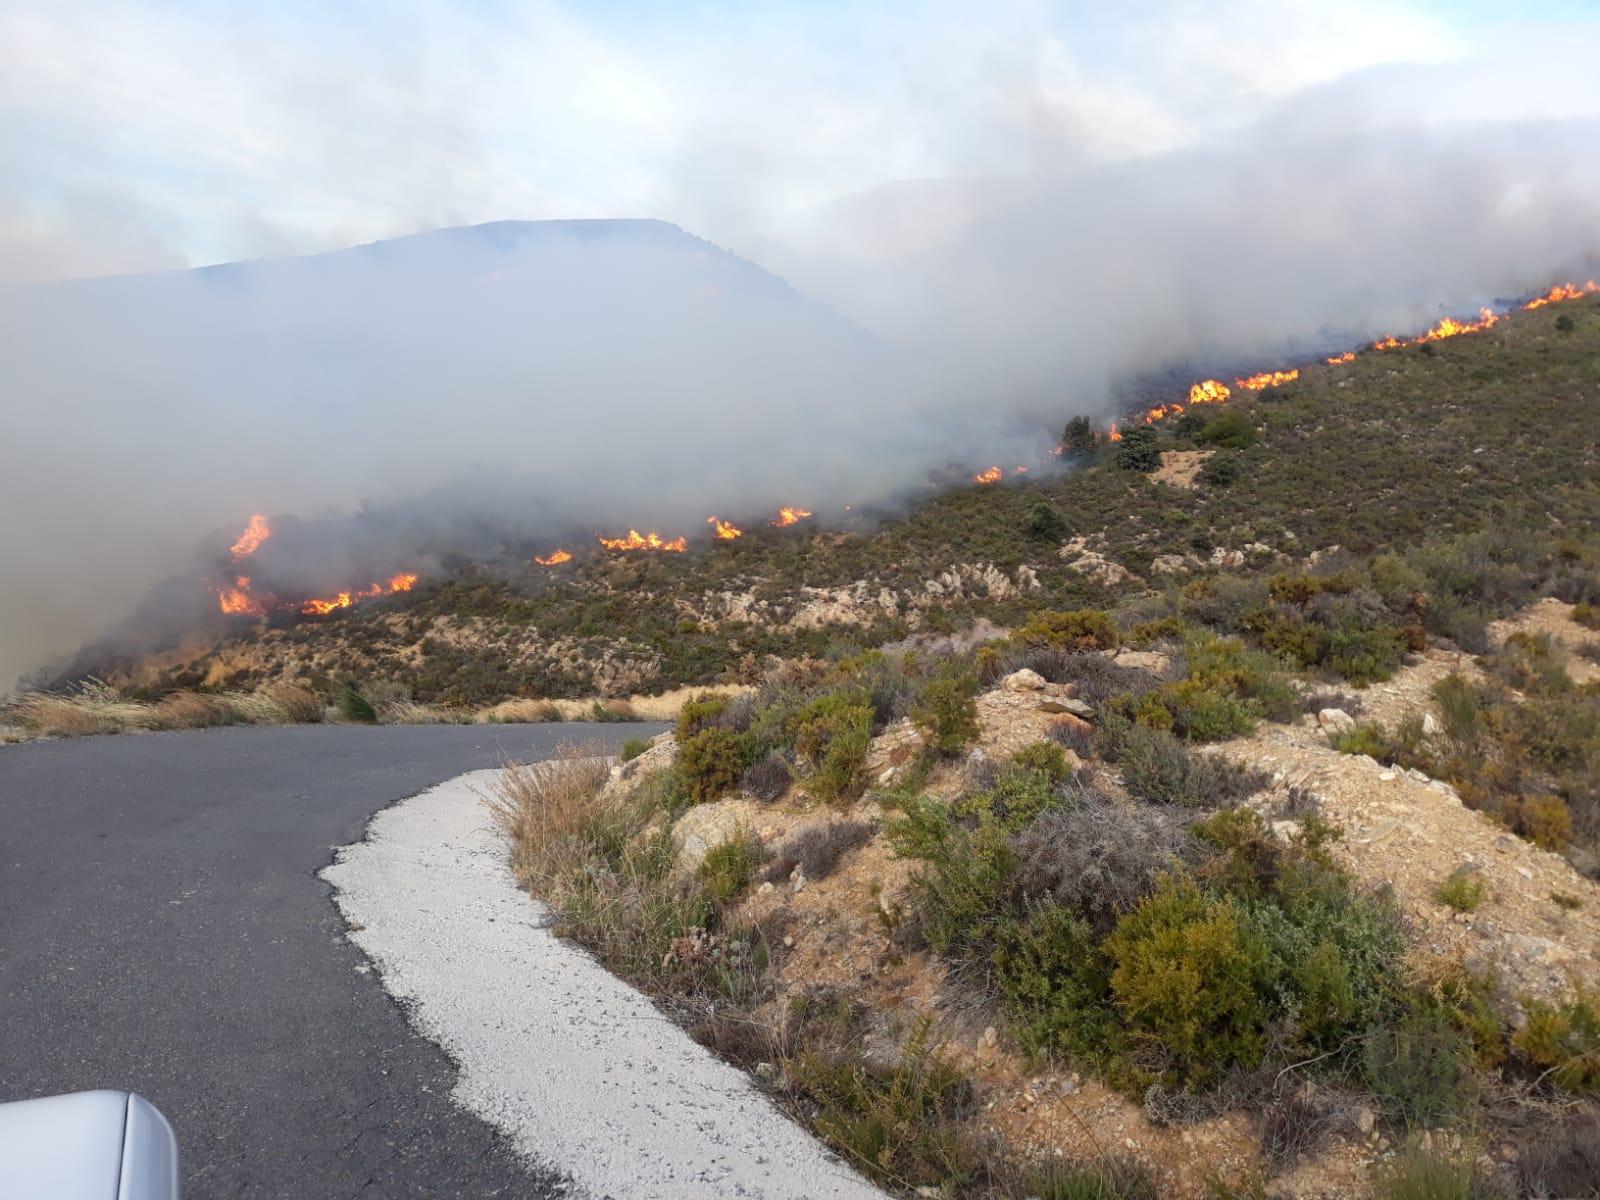 Desactivado el nivel 1 del Plan de Emergencias por el incendio de Juviles, con «evolución favorable»